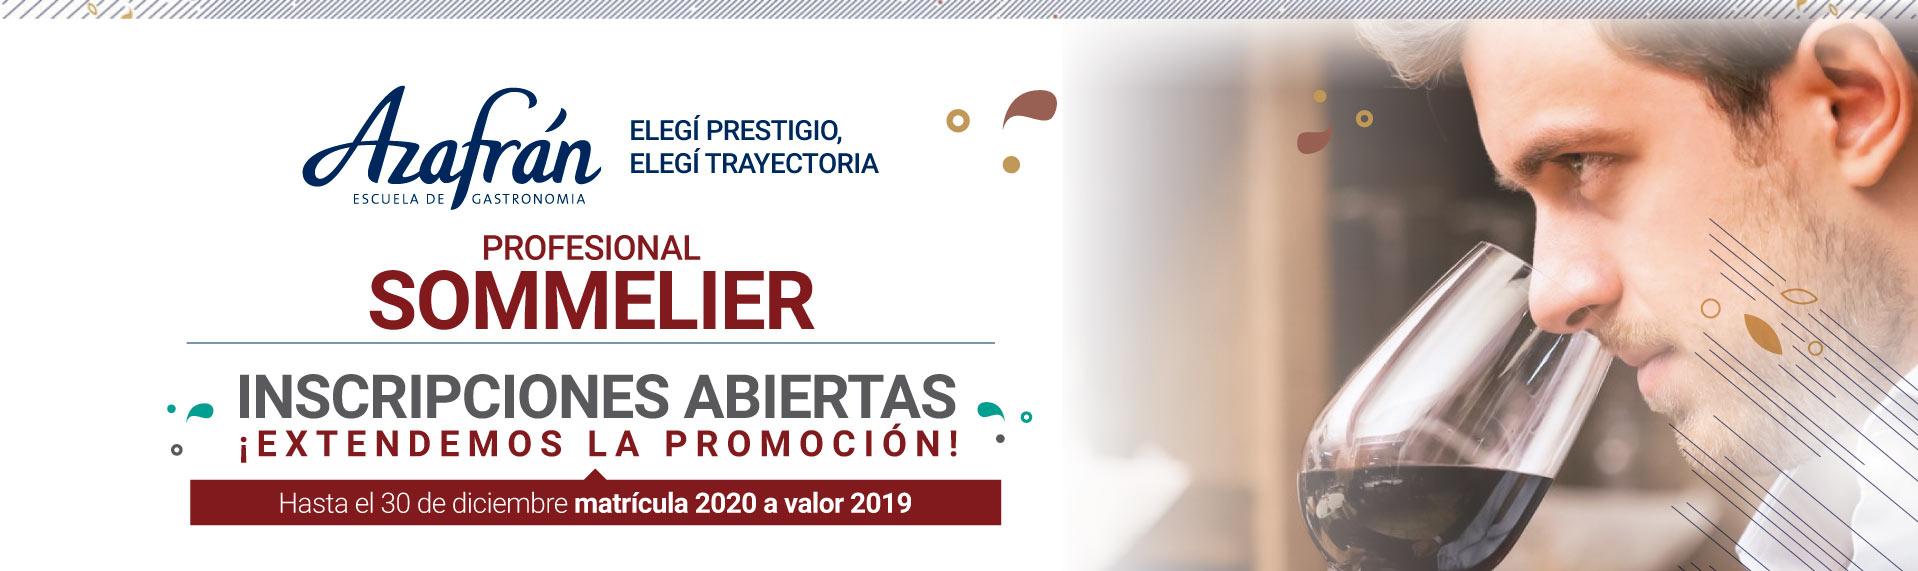 Slide web sommelier_promo dic